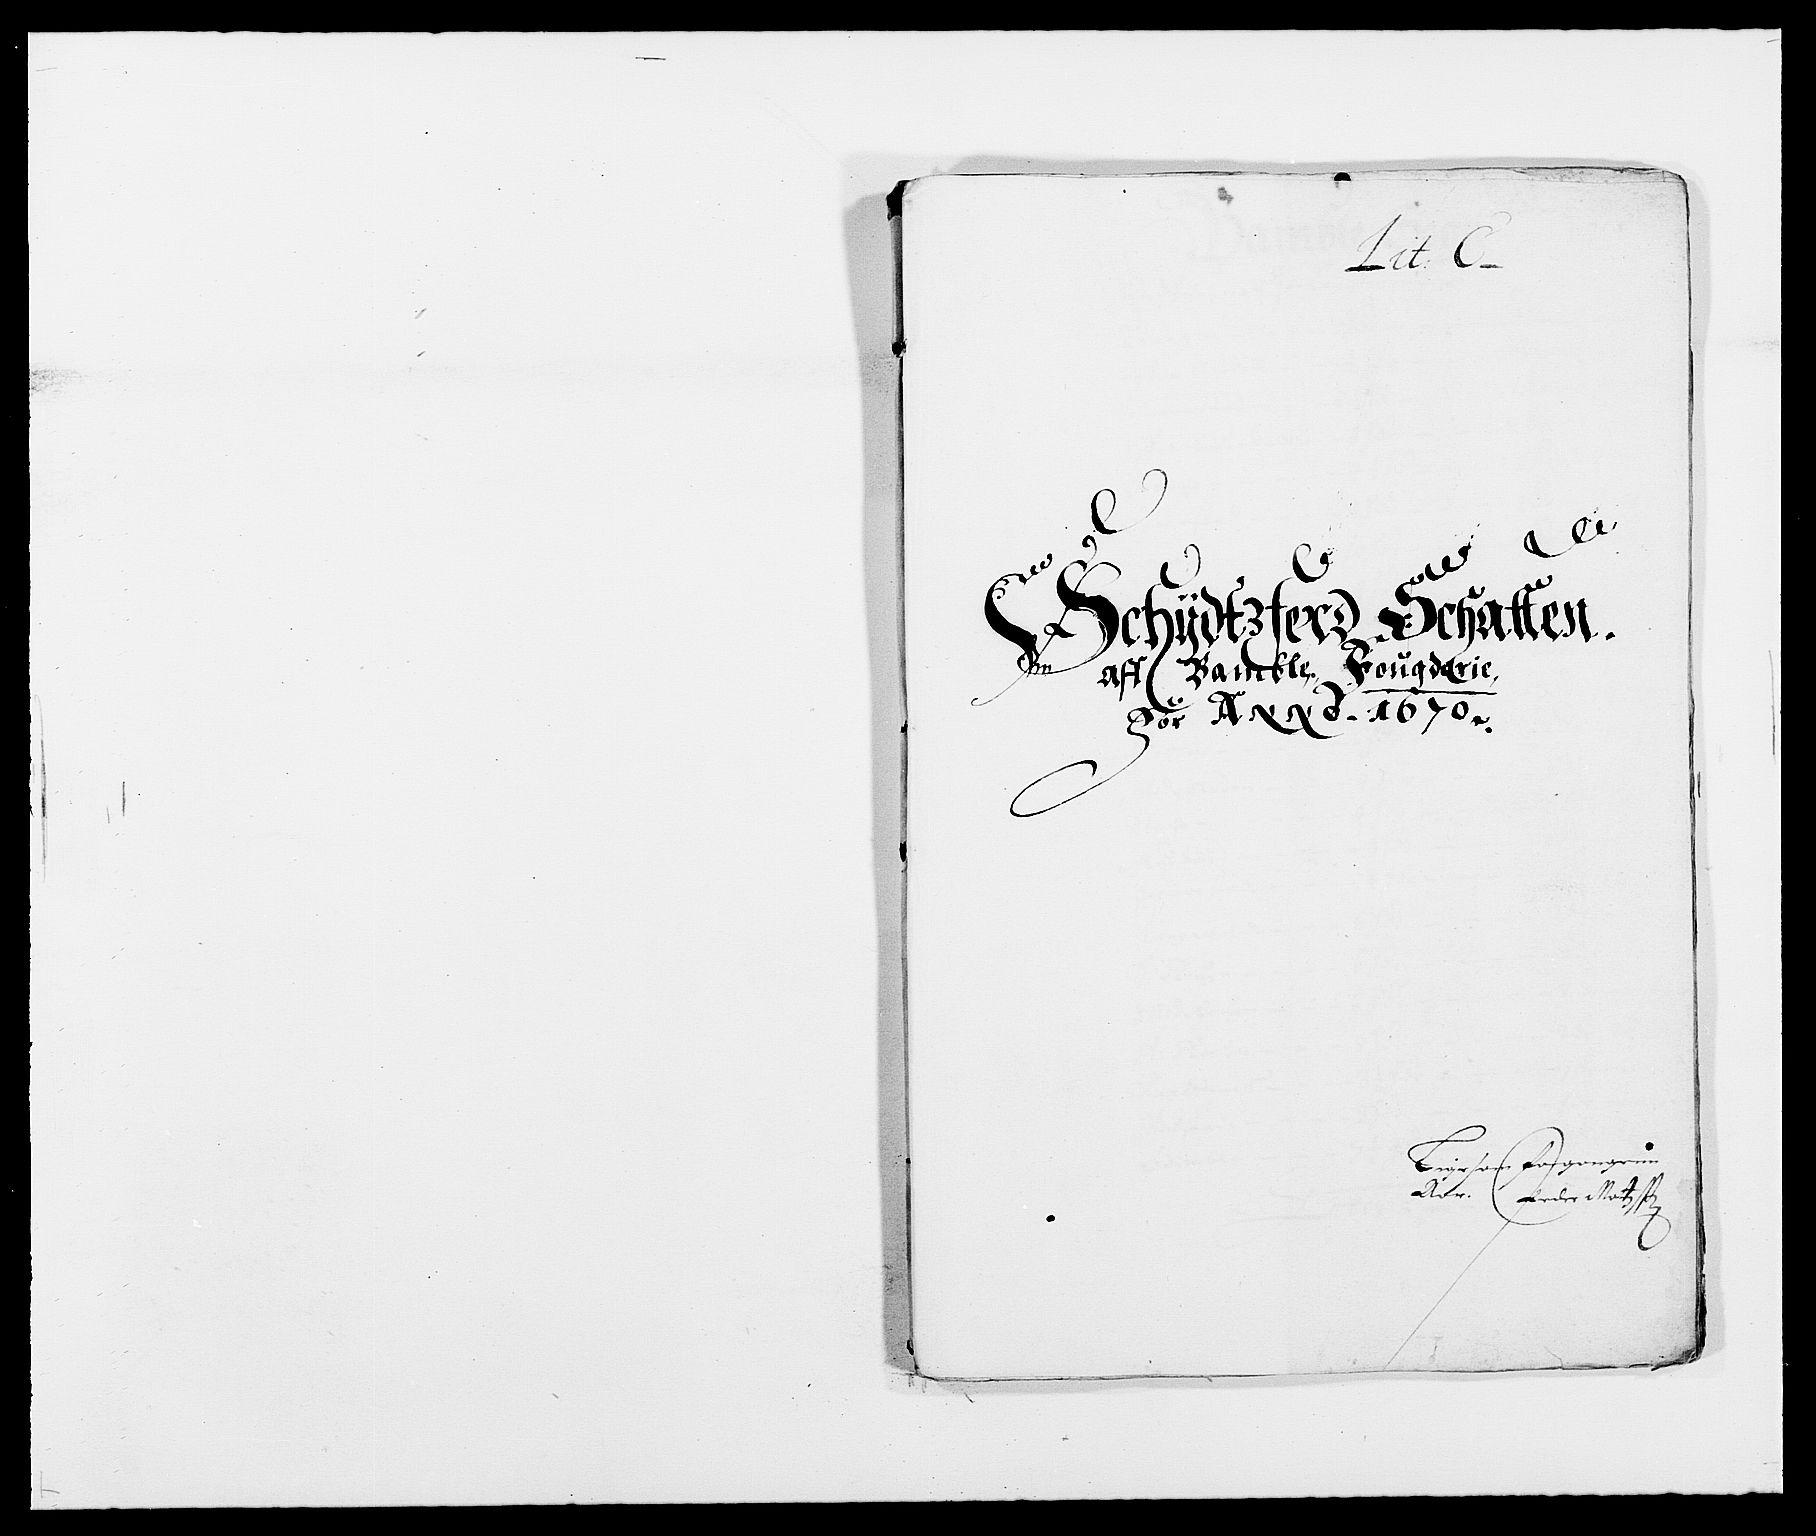 RA, Rentekammeret inntil 1814, Reviderte regnskaper, Fogderegnskap, R34/L2041: Fogderegnskap Bamble, 1670-1672, s. 56